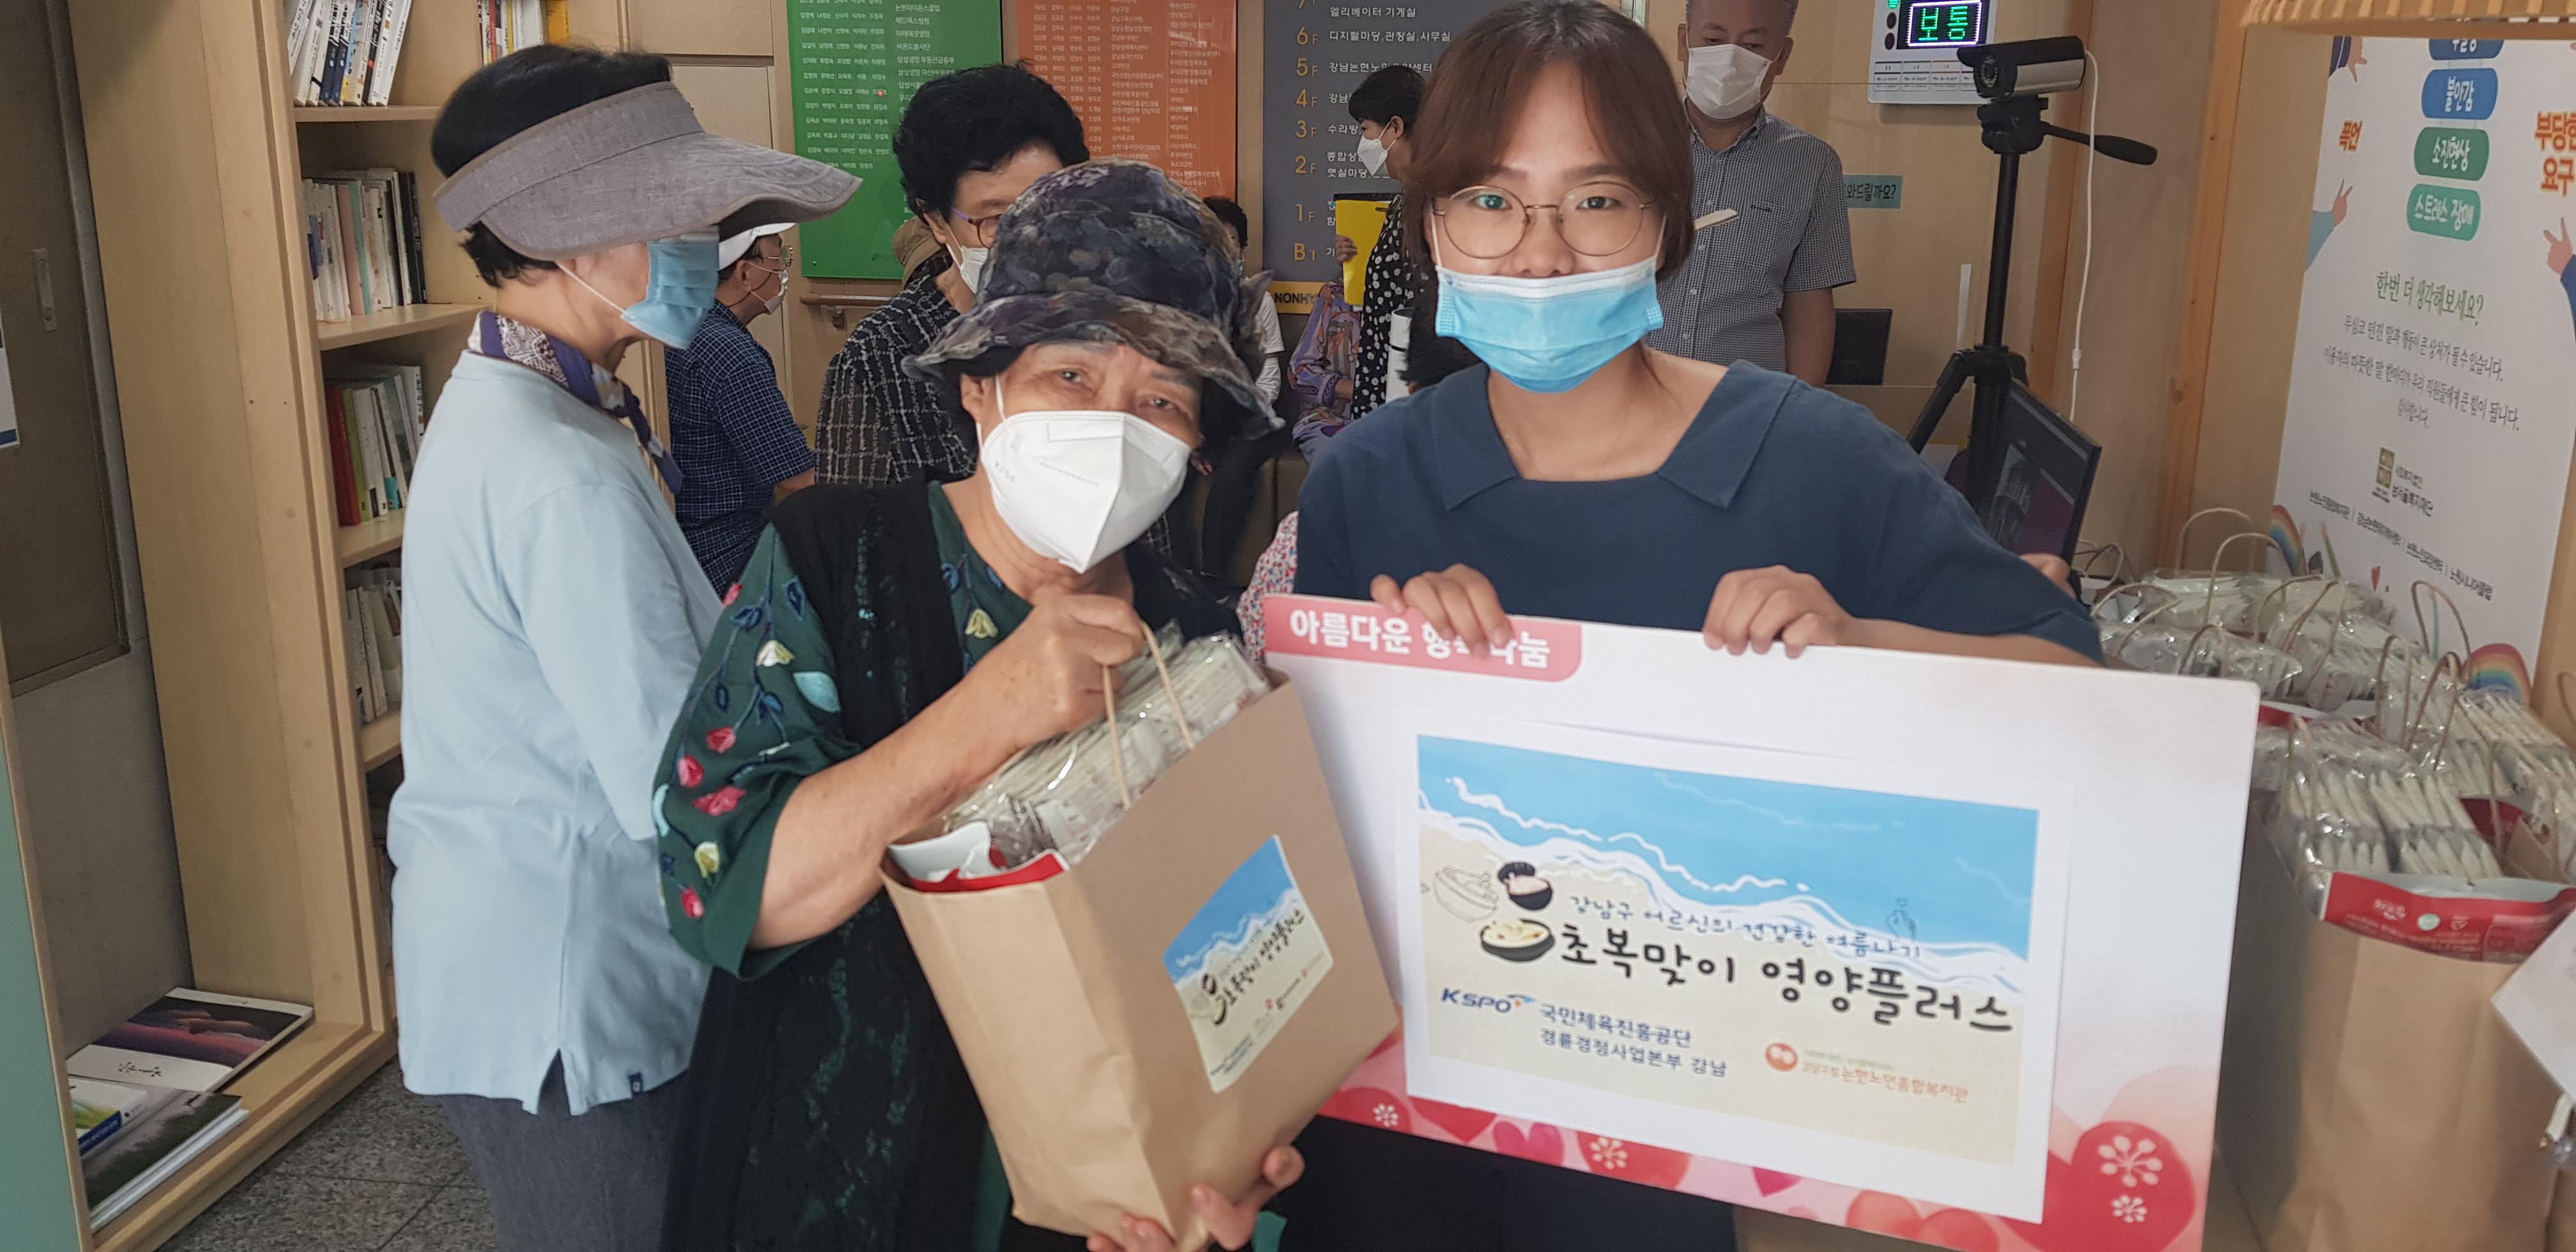 [후원사업] 국민체육진흥공단 강남지사와 함께하는 [초복맞이 영양플러스]